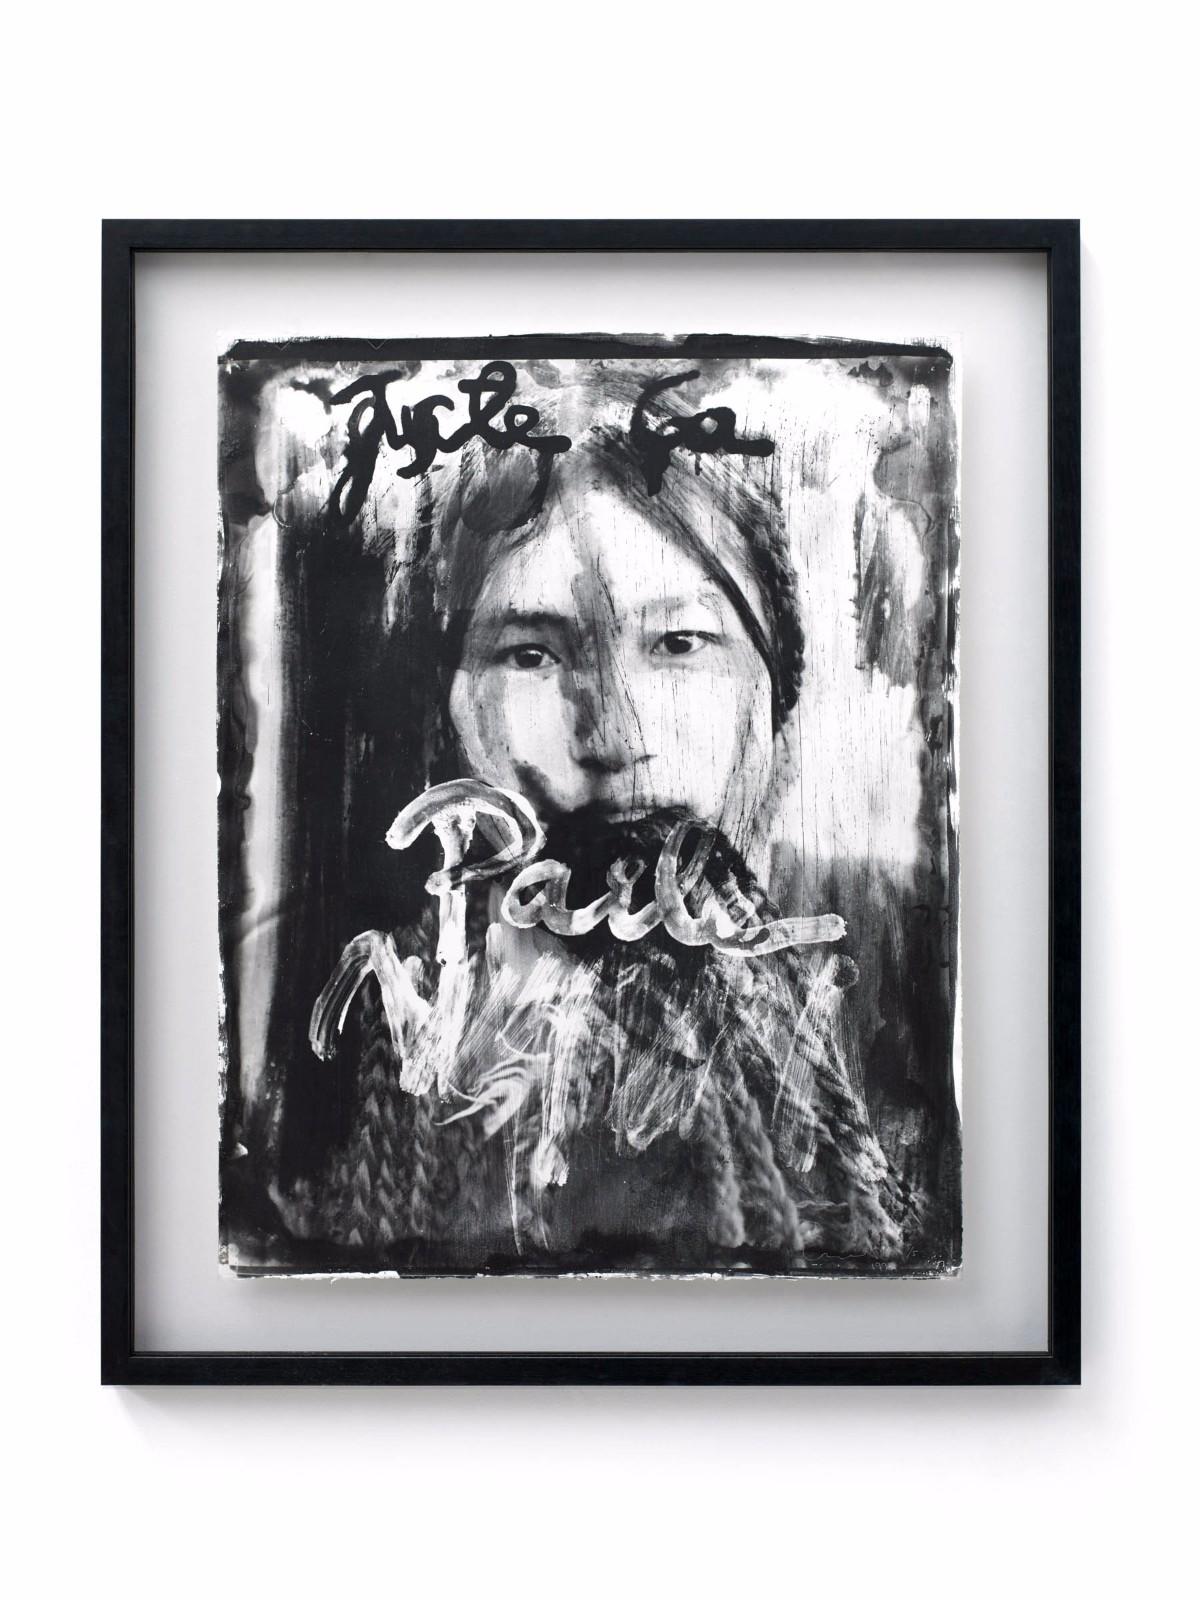 Esquisses de portraits tibétains, gelatin silver print on acid-free paper © BoSTUDIO